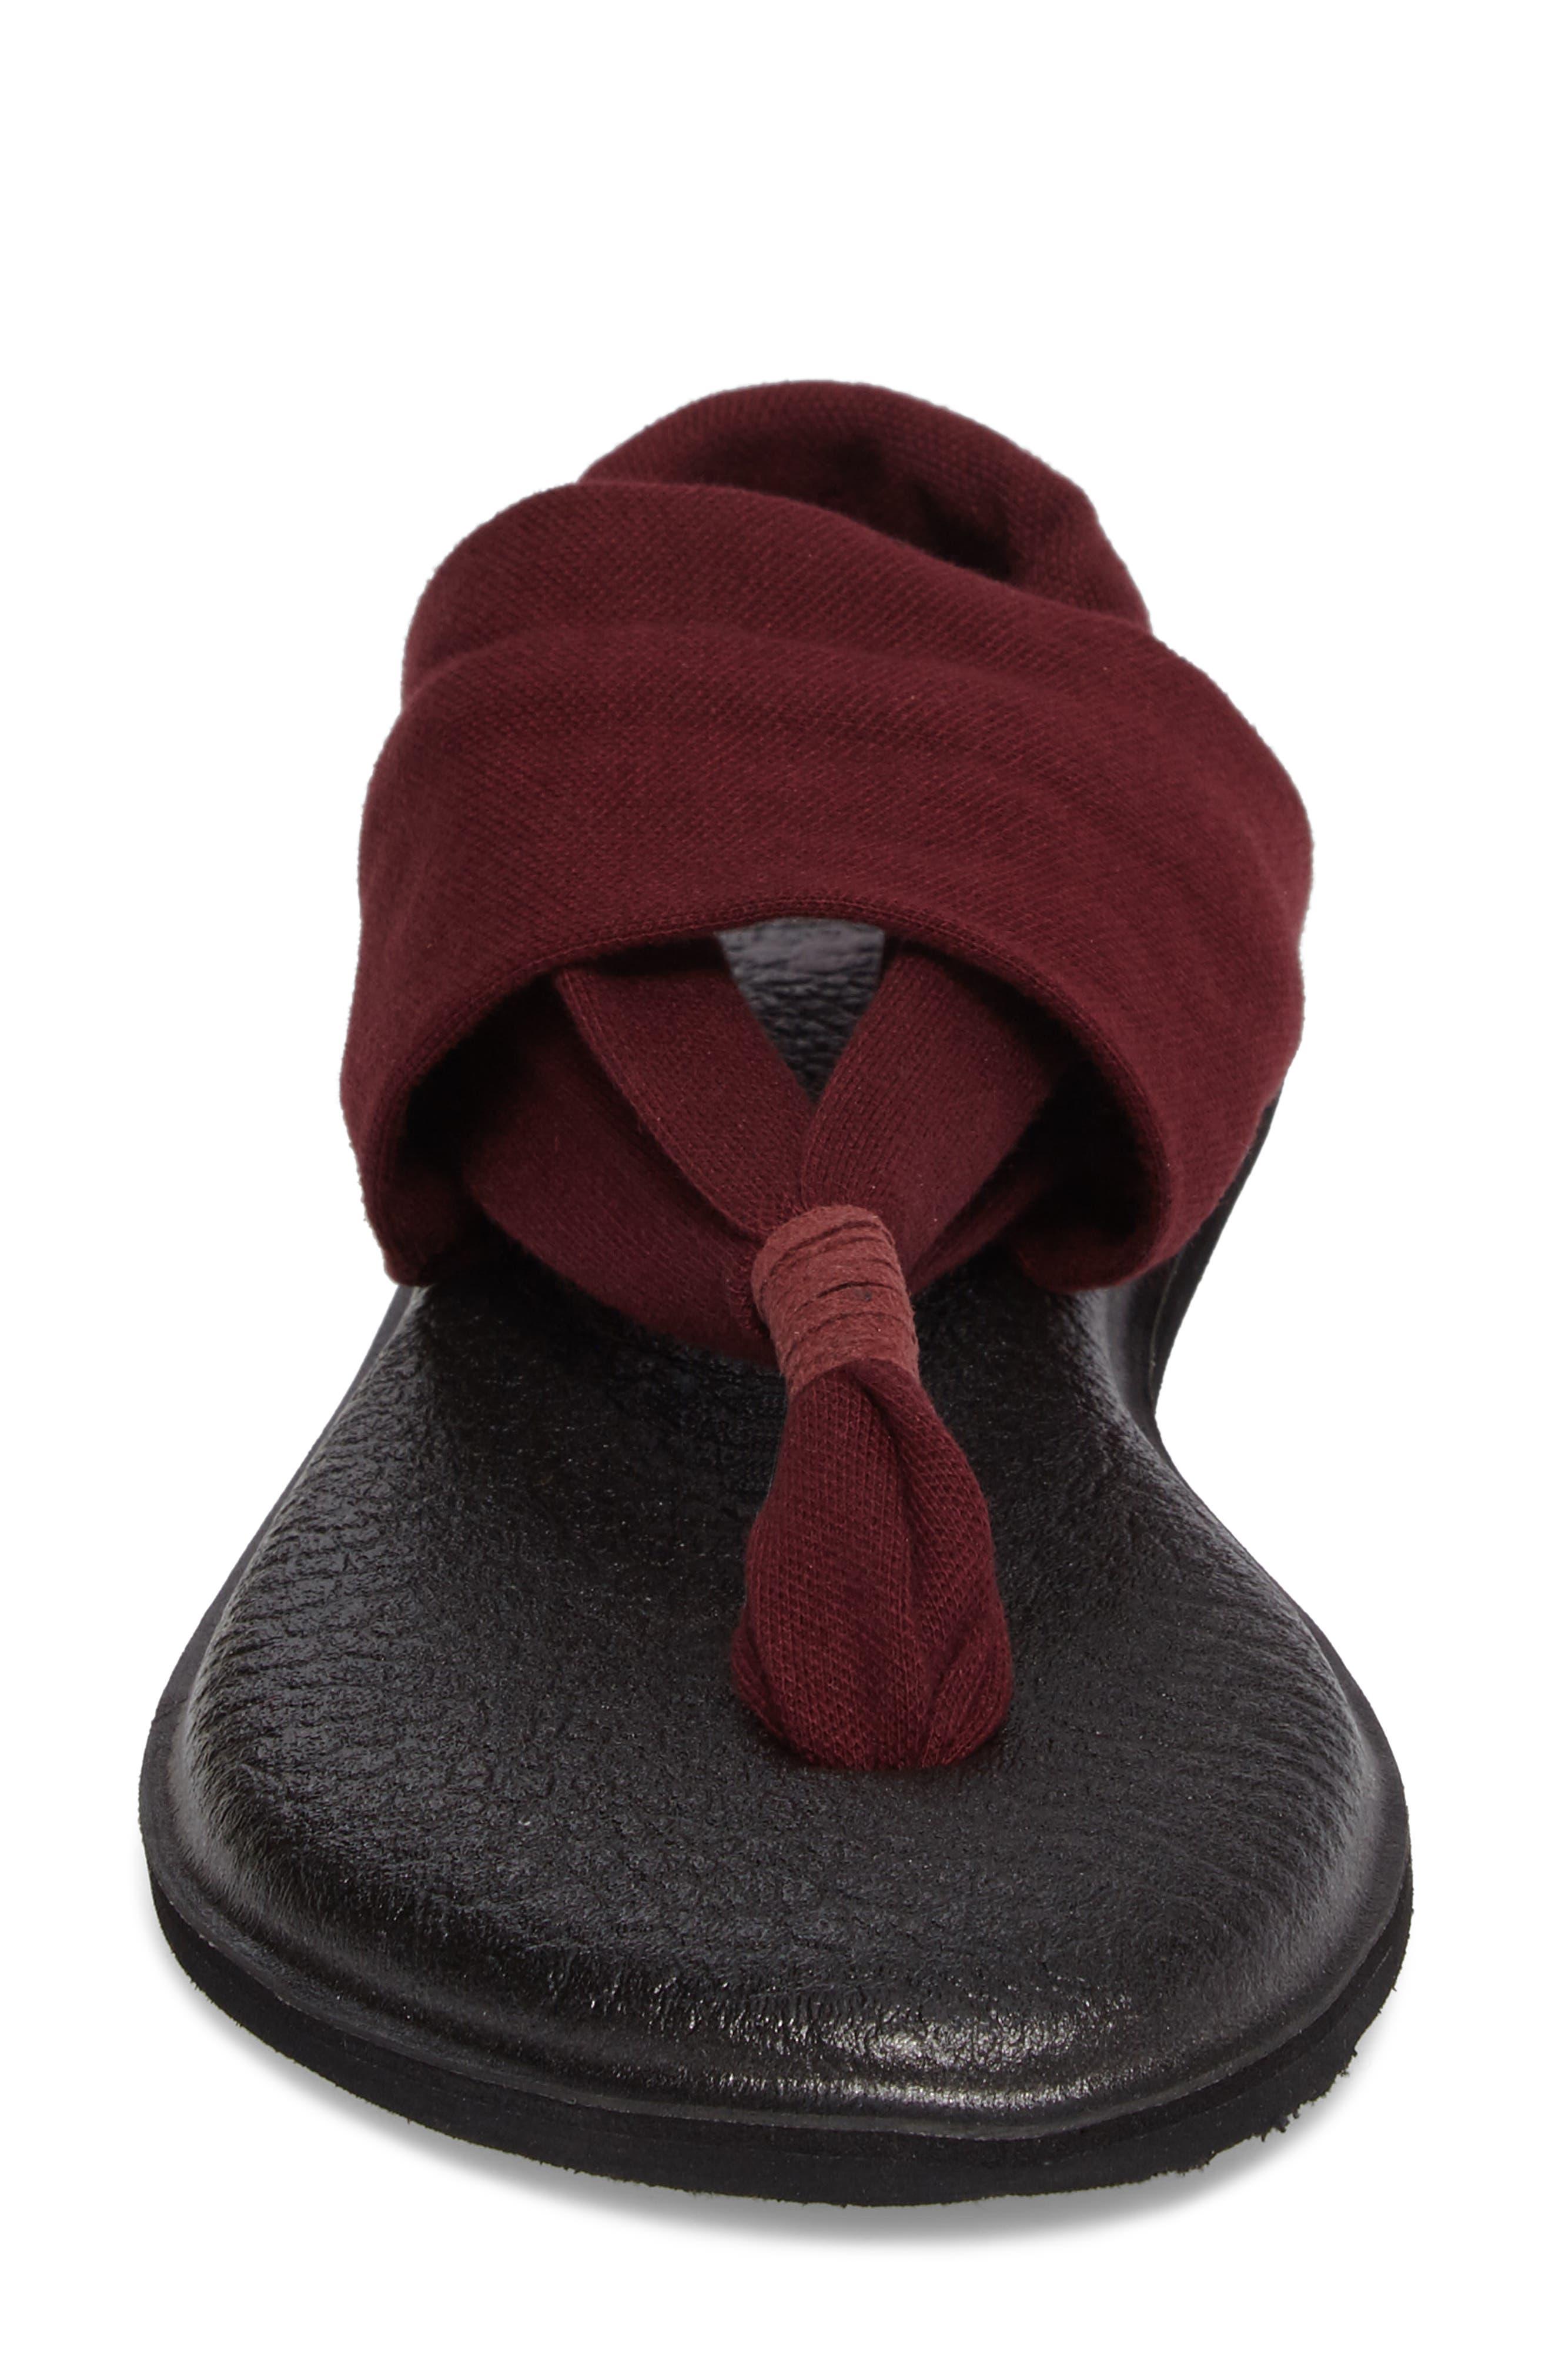 'Yoga Sling 2' Sandal,                             Alternate thumbnail 4, color,                             Burgundy